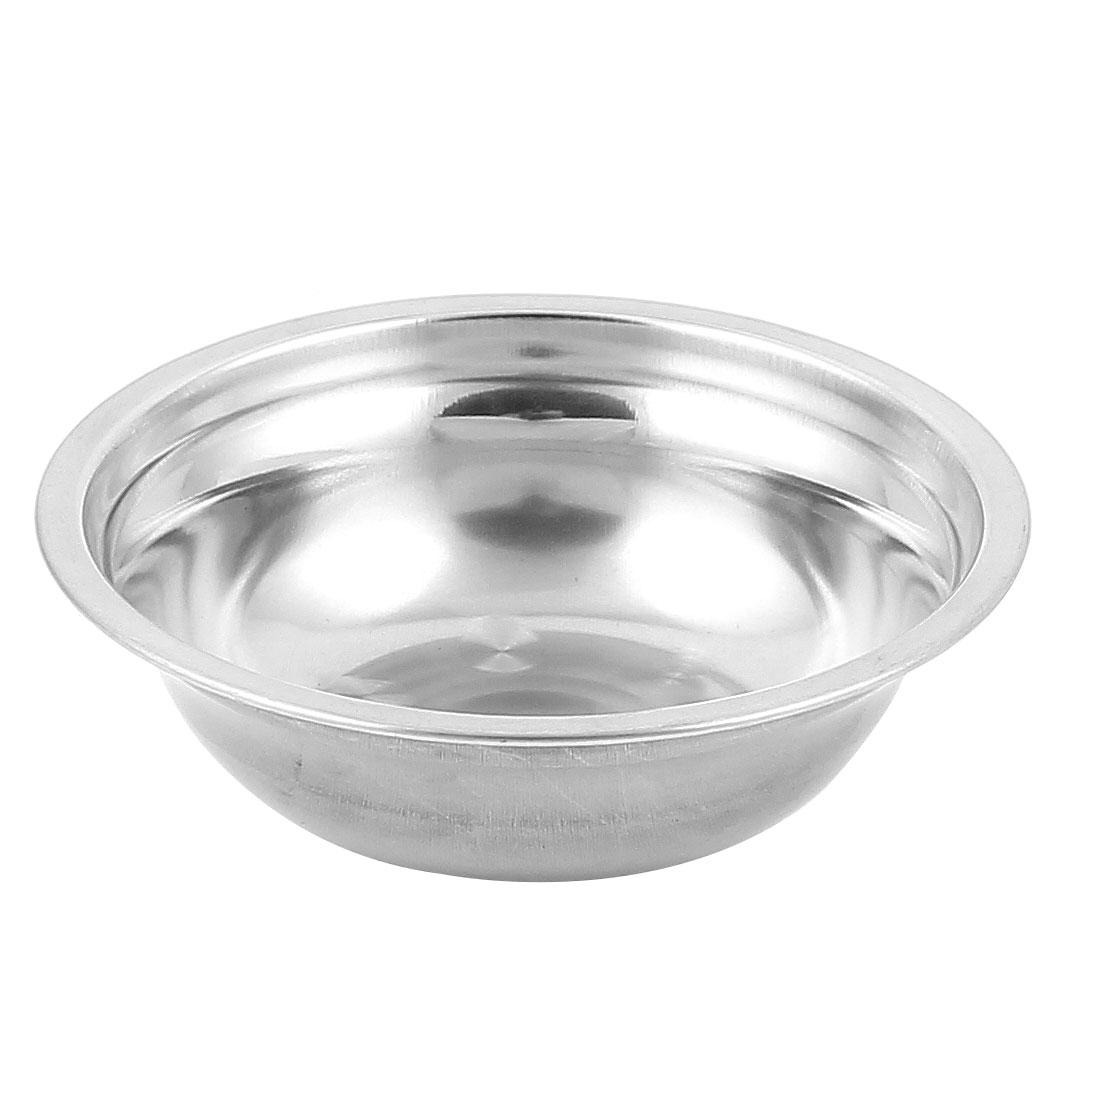 Home Kitchen Metal Round Dinnner Plate 4.7 Inch Diameter Silver Tone